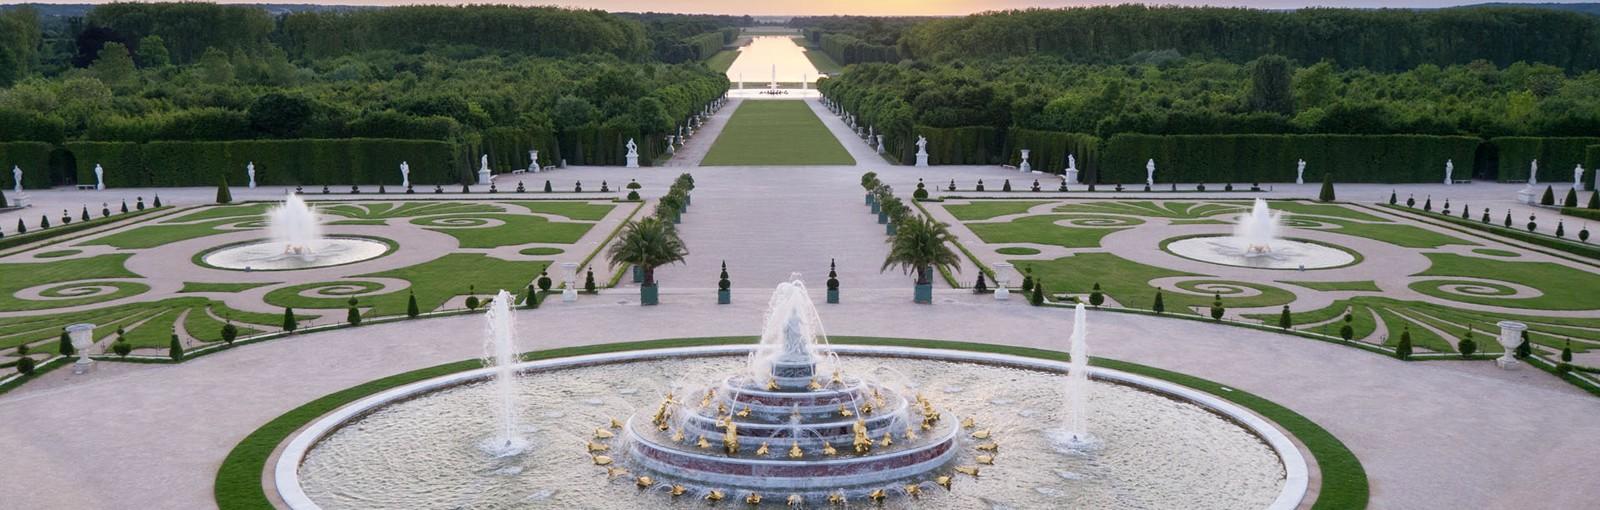 Tours Versailles - Demi-journées - Excursions au départ de Paris